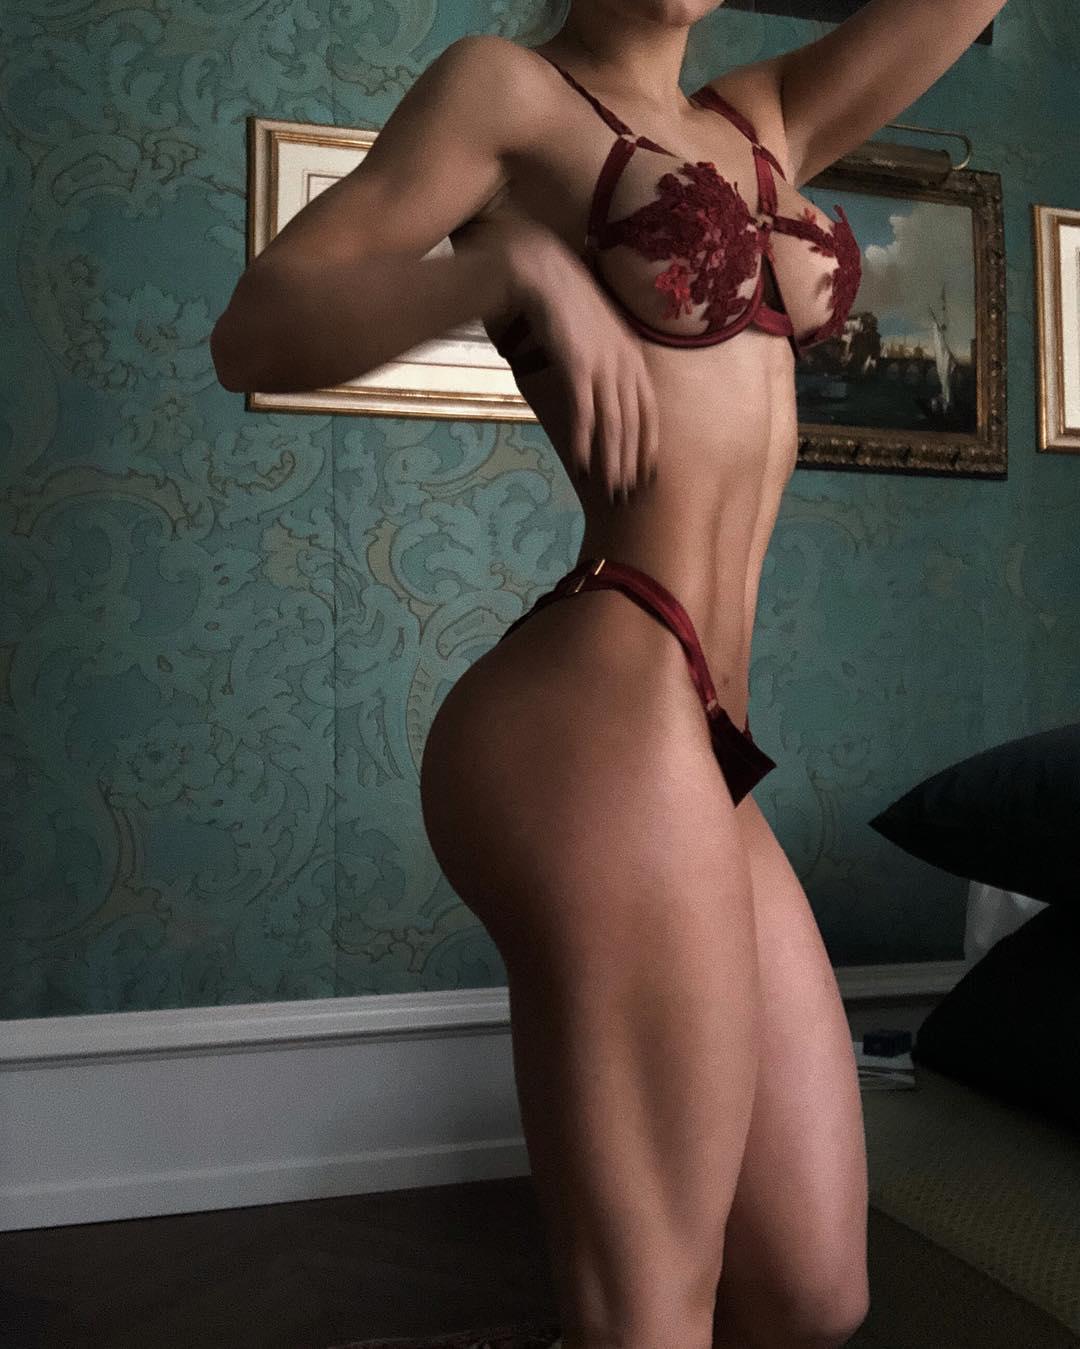 Bikini Anastasia Mironova  naked (82 pictures), Instagram, legs